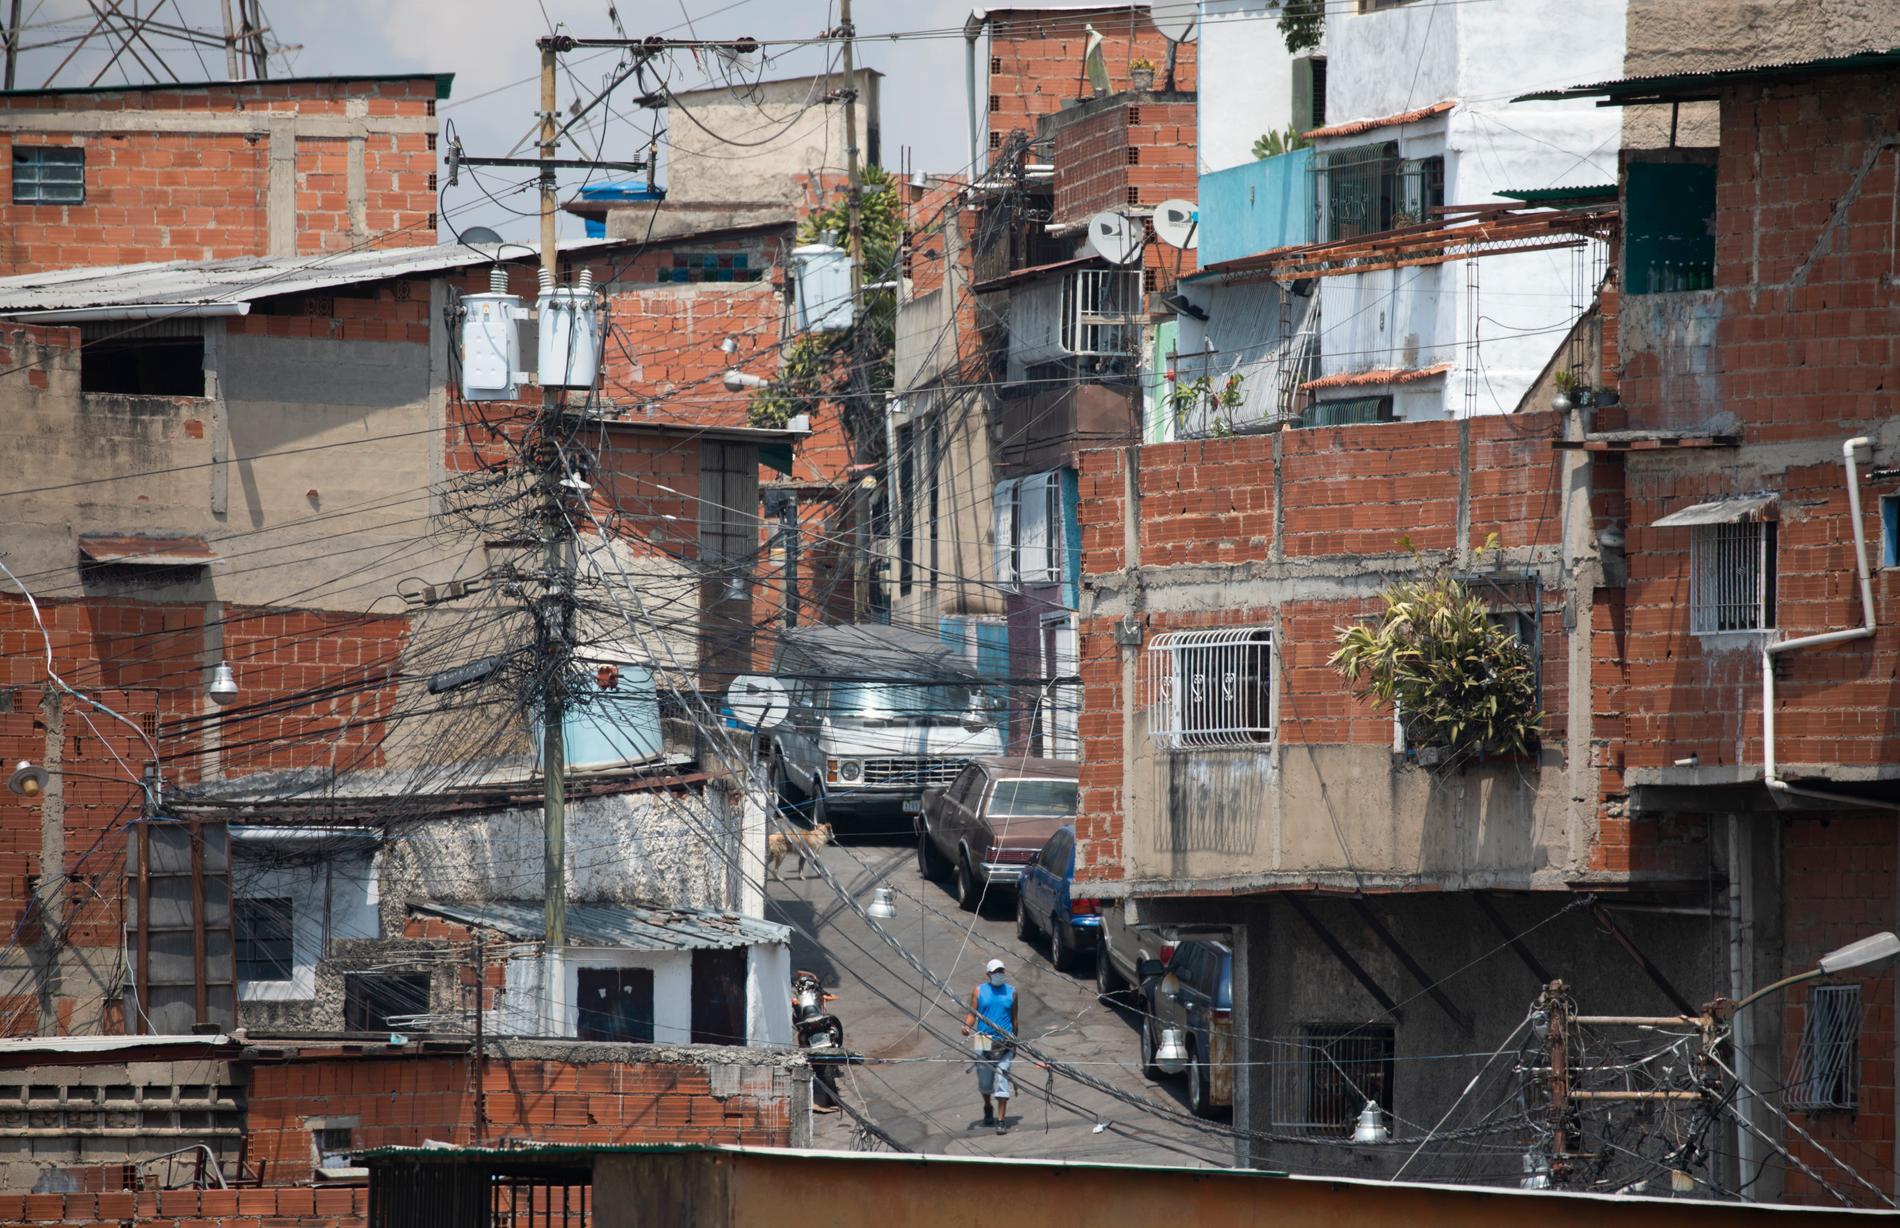 De hårda restriktionerna i Venezuela förlängs med 30 dagar. Här en bild från ett av Caracas slumområden i slutet av april.